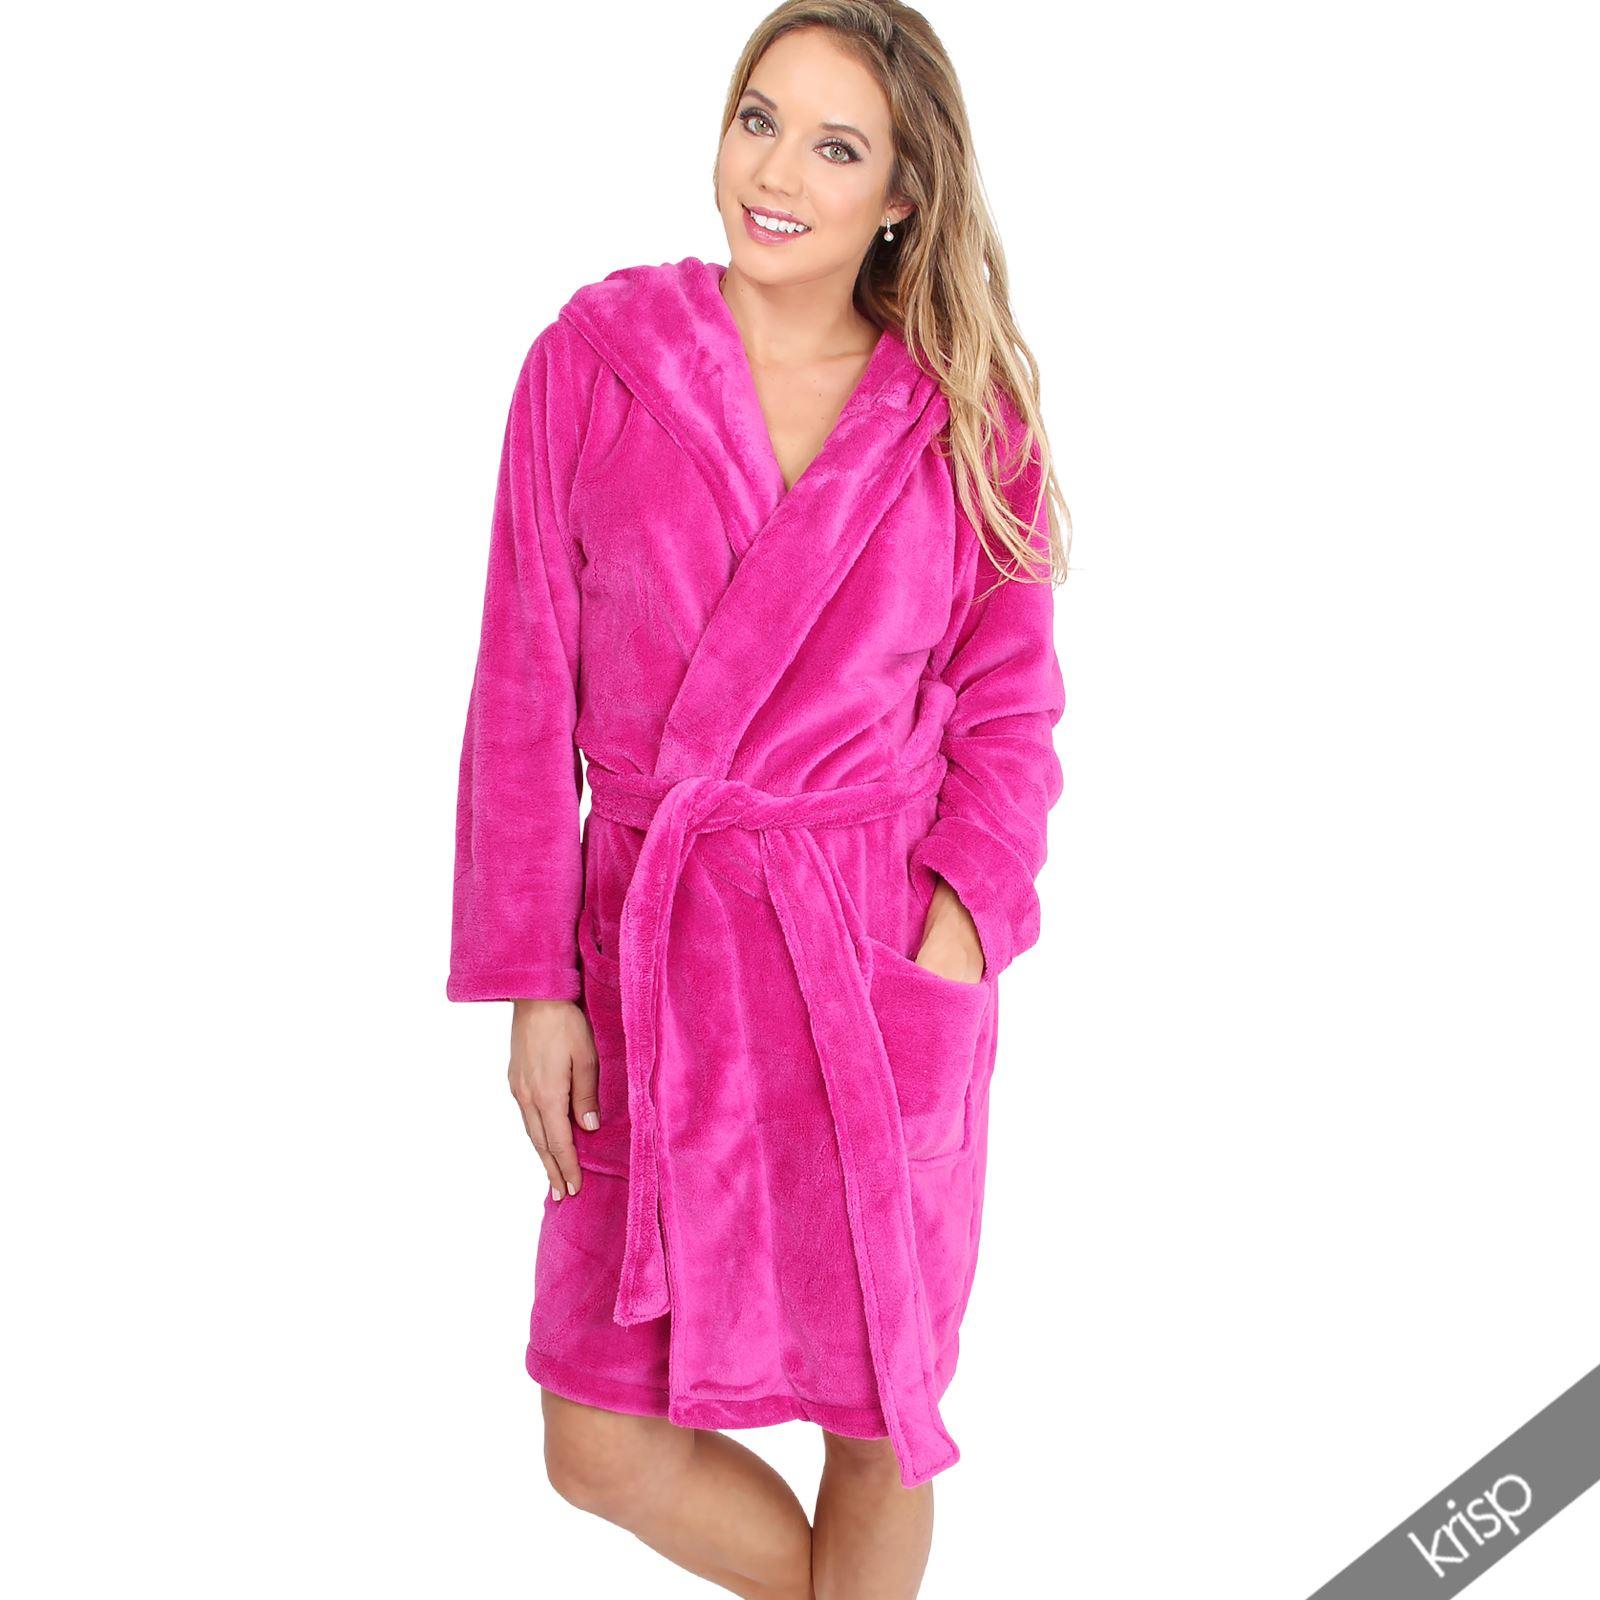 Womens Soft Plain Basic Dressing Gown Hooded Bath Robe Nightwear ...